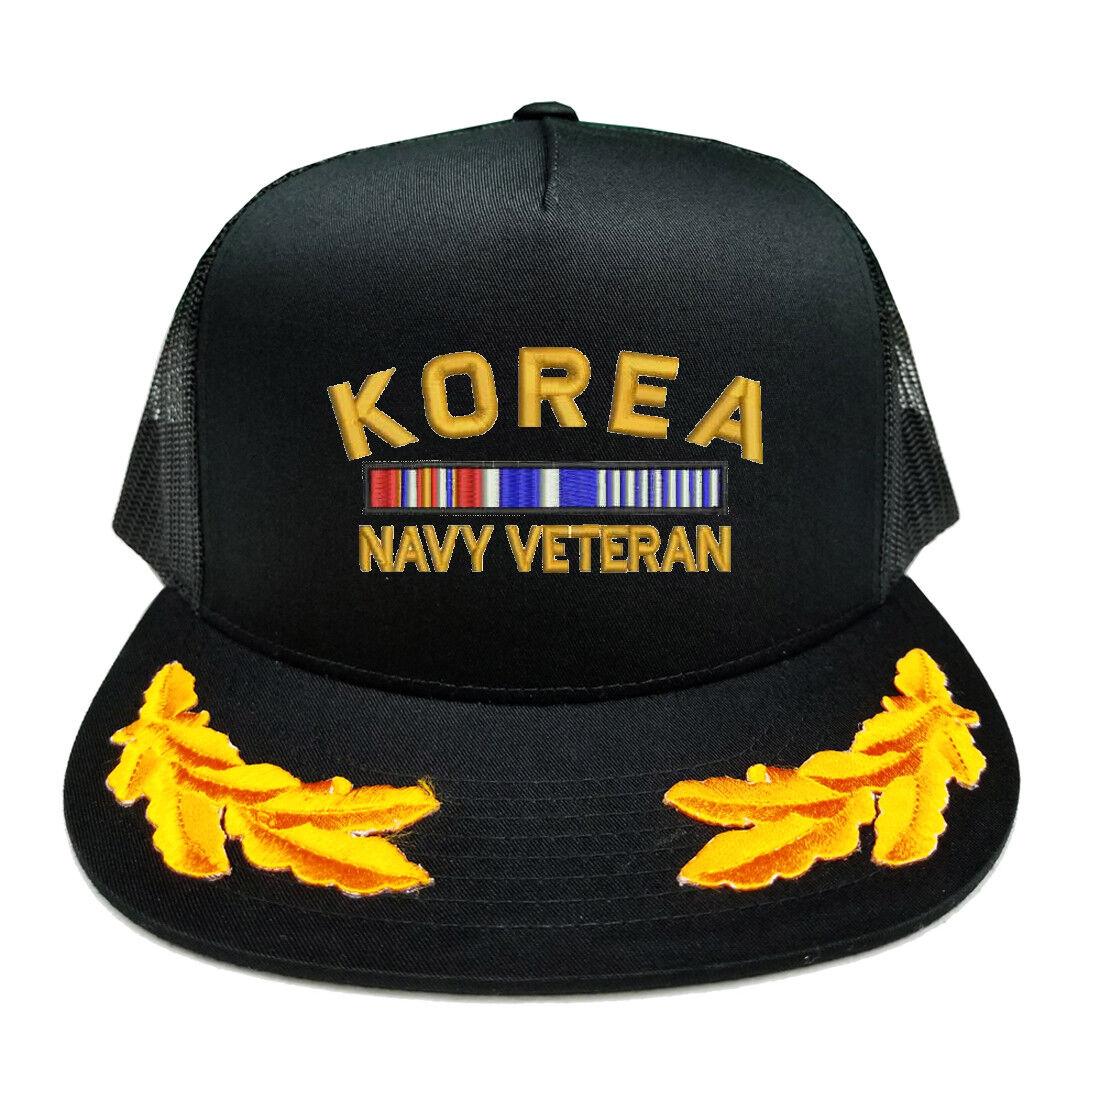 CUSTOM MAKE KOREA NAVY VETERAN RIBBON SCRAMBLED YUPOONG EGGS YUPOONG SCRAMBLED CAP HAT 468c00